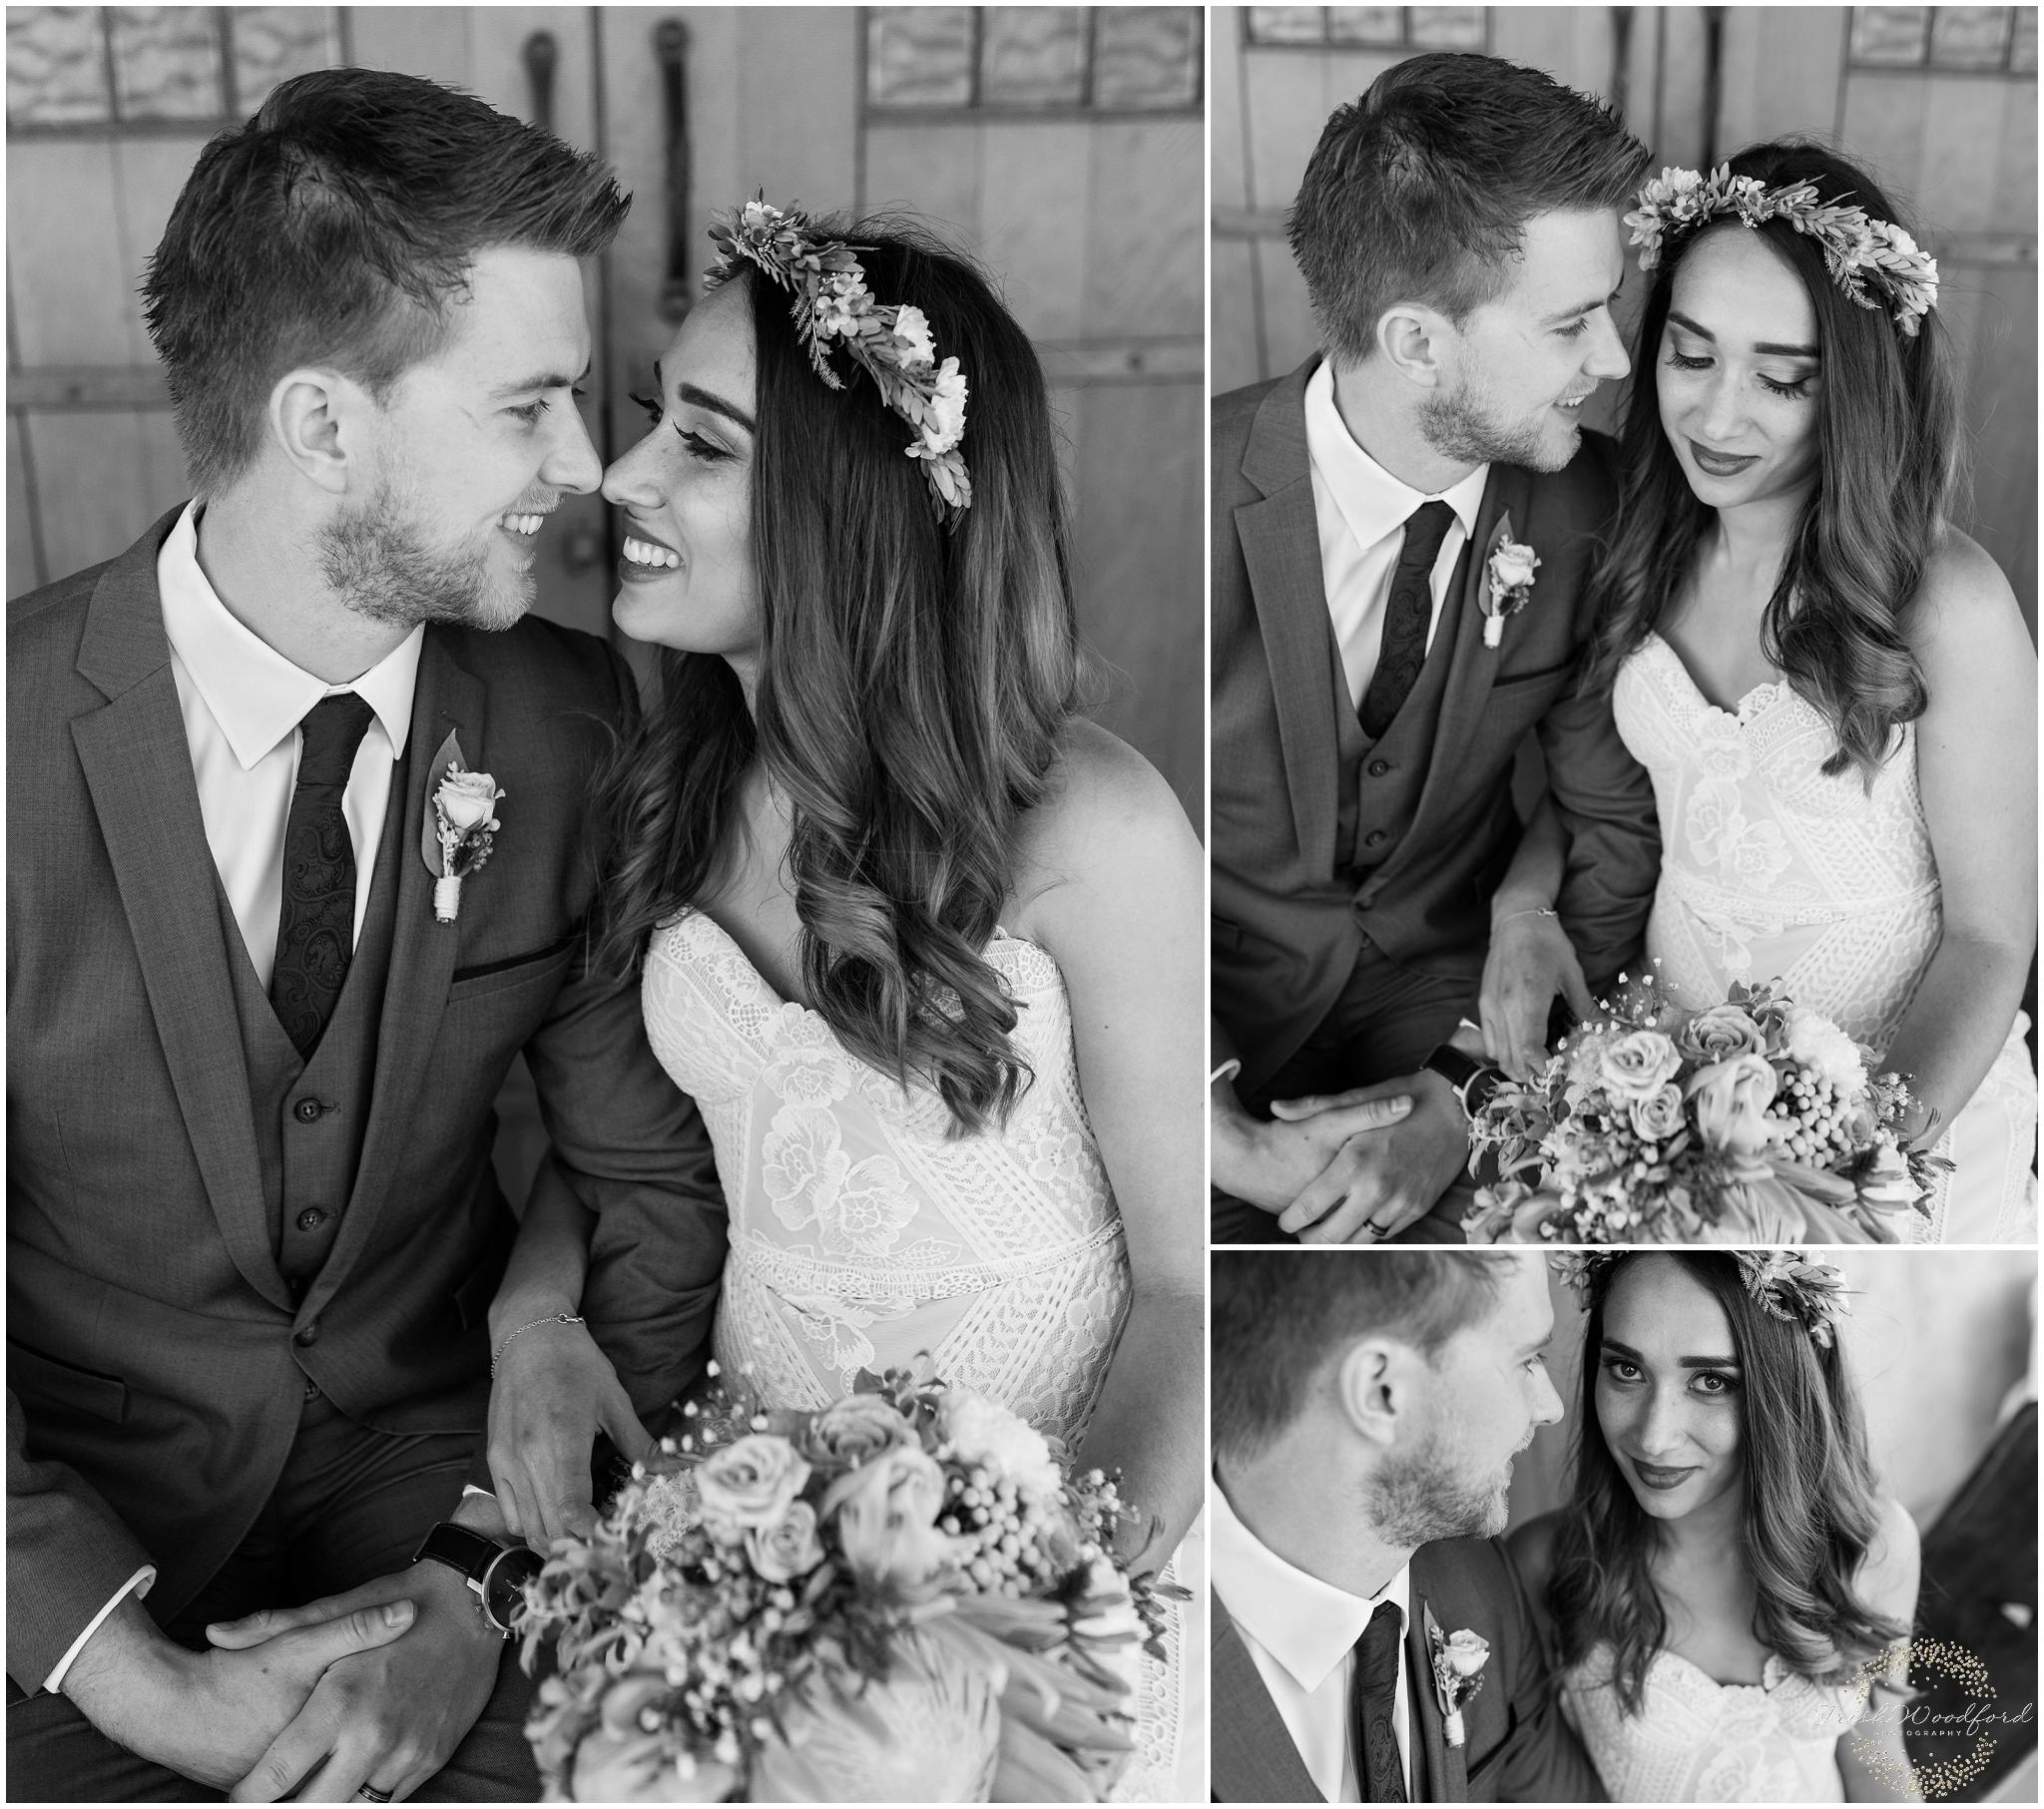 WeddingPortraitsLauranceWineWeddings